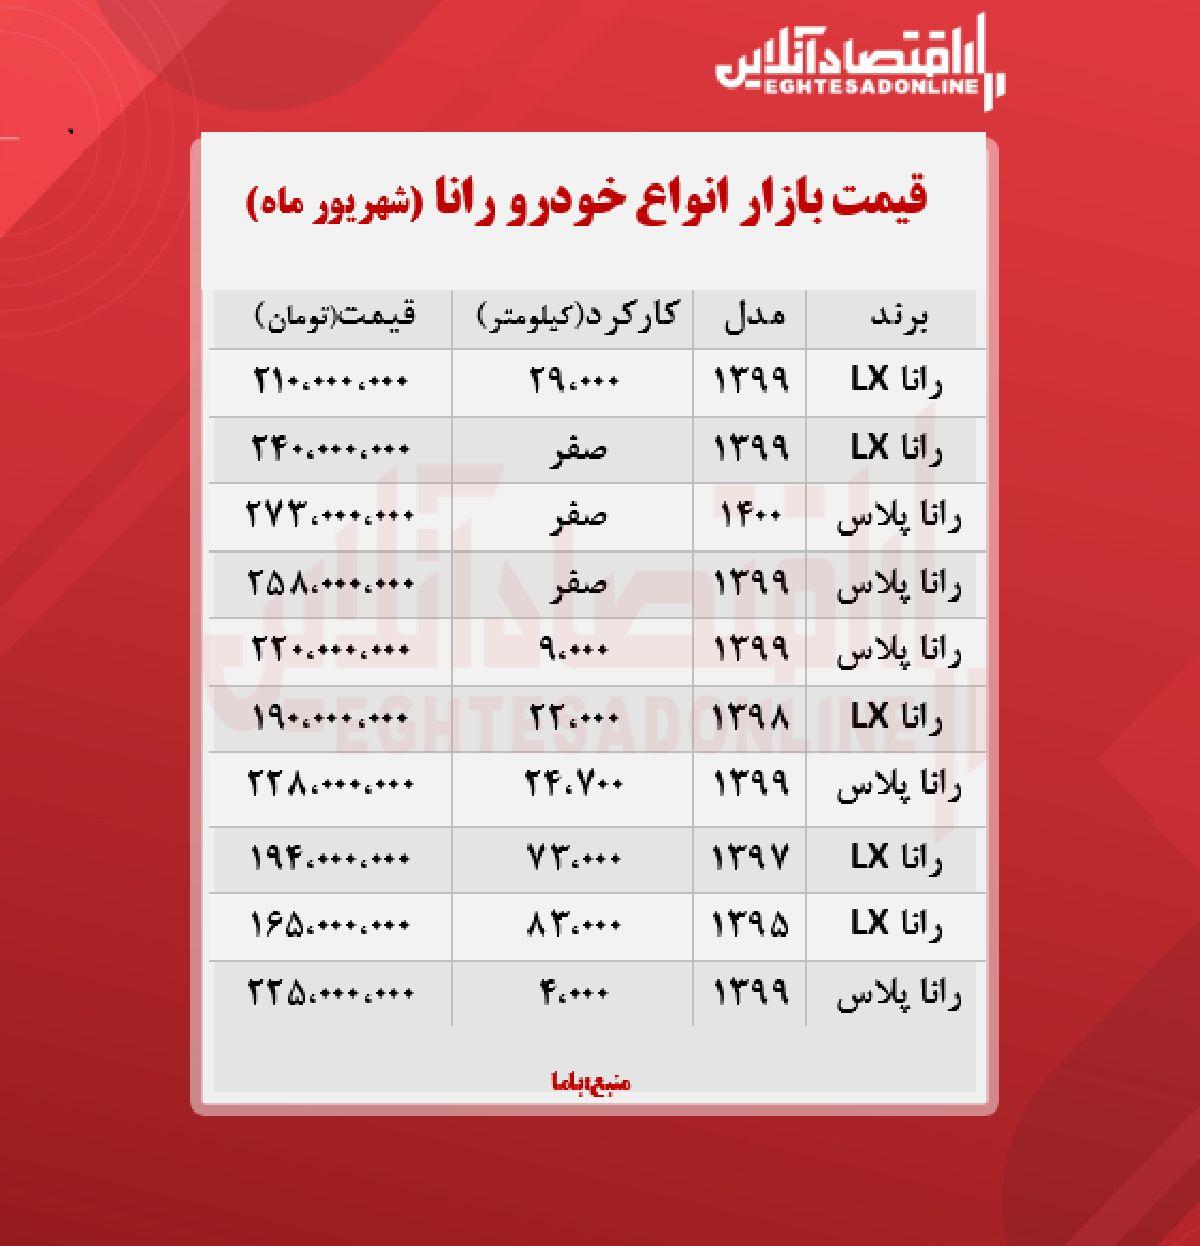 قیمت رانا پلاس به مرز ۲۷۳ میلیون تومان رسید + جدول